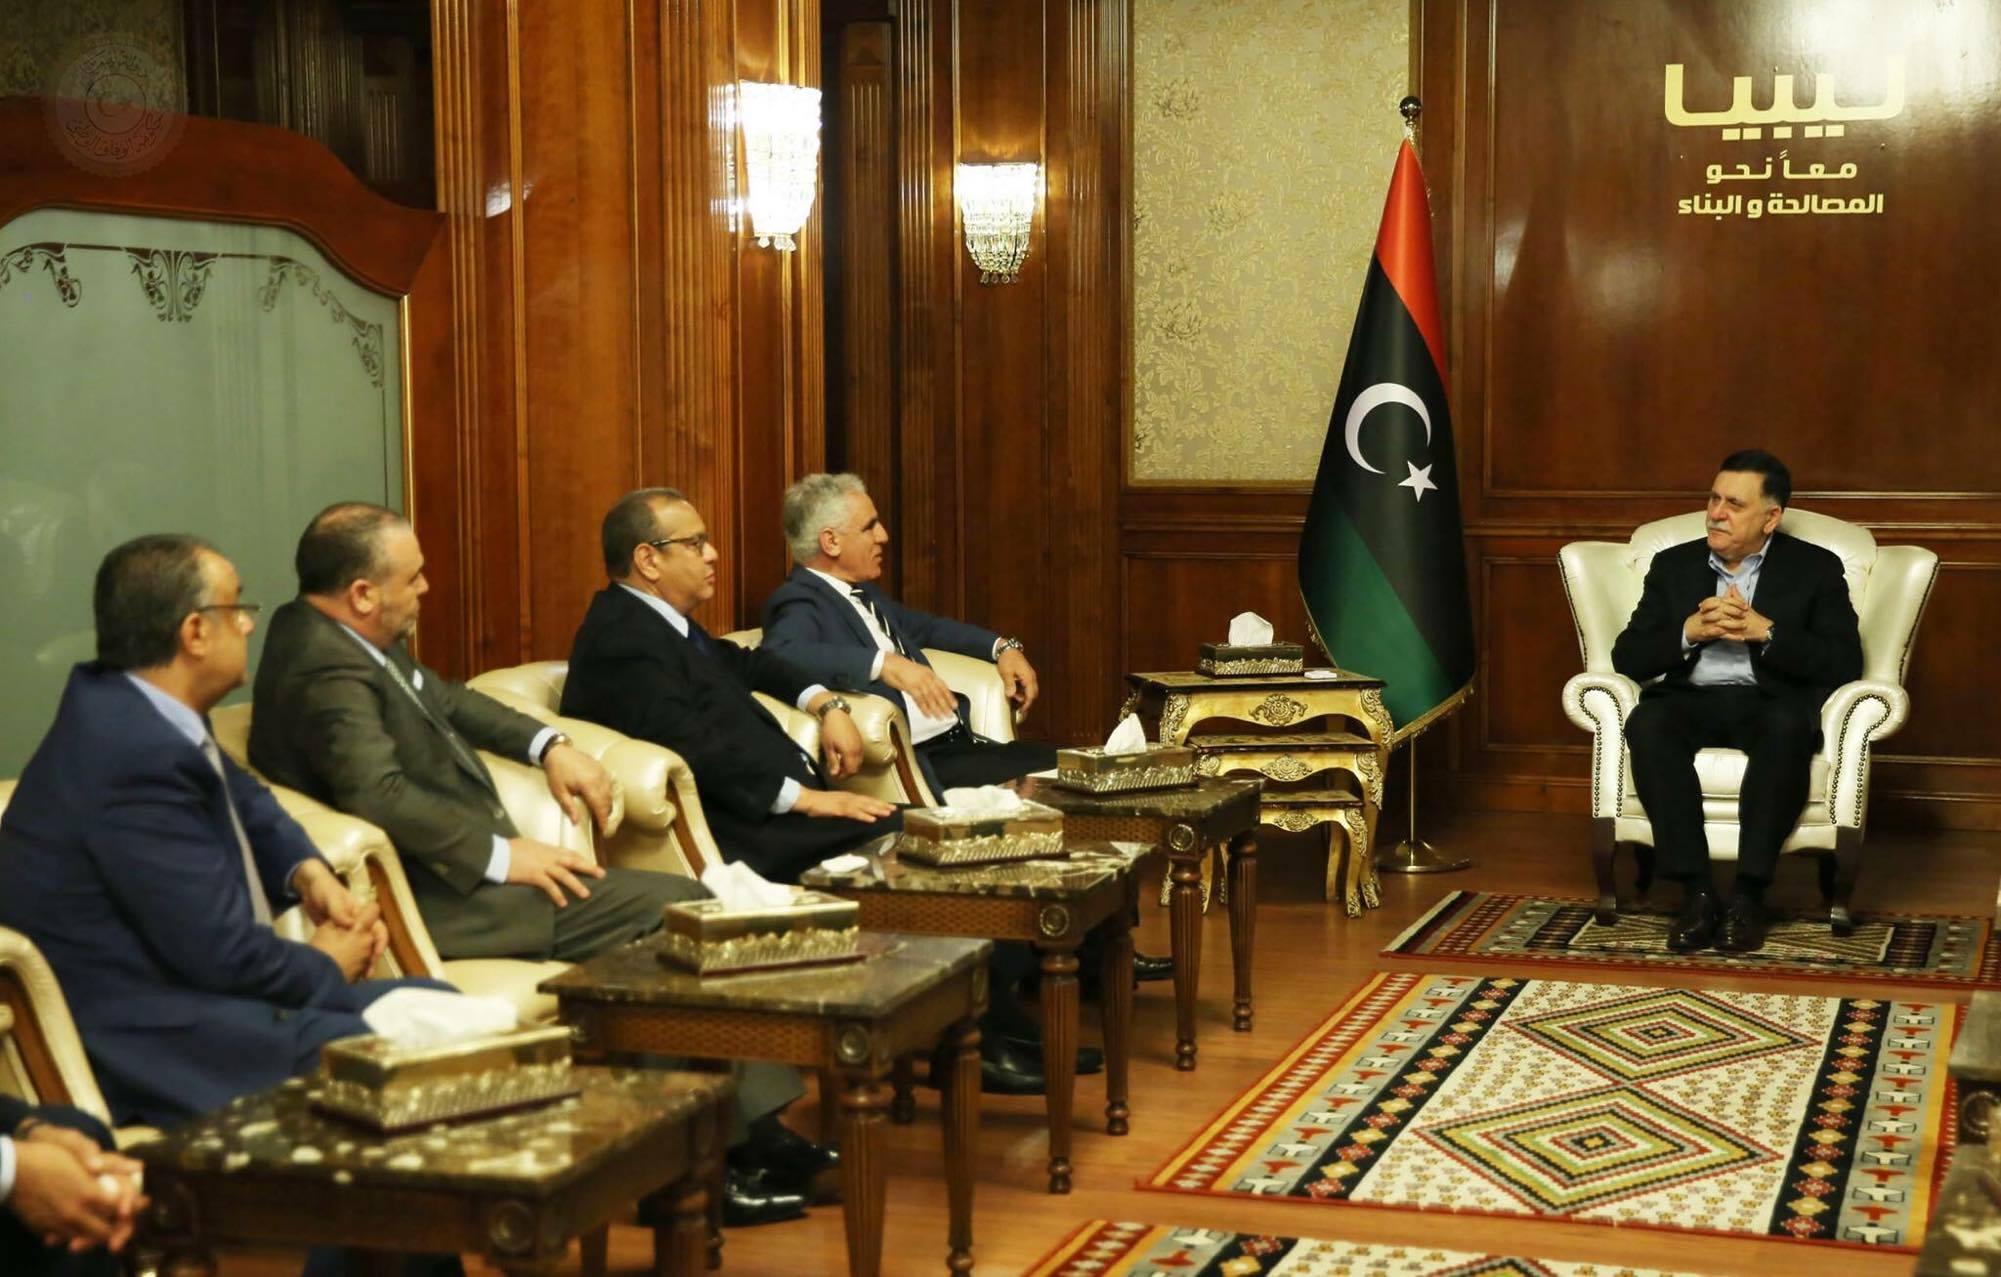 طرابلس/ في لقاء ترأّسه ماجول والسراج: توقيع اتّفاق تونسي-ليبي